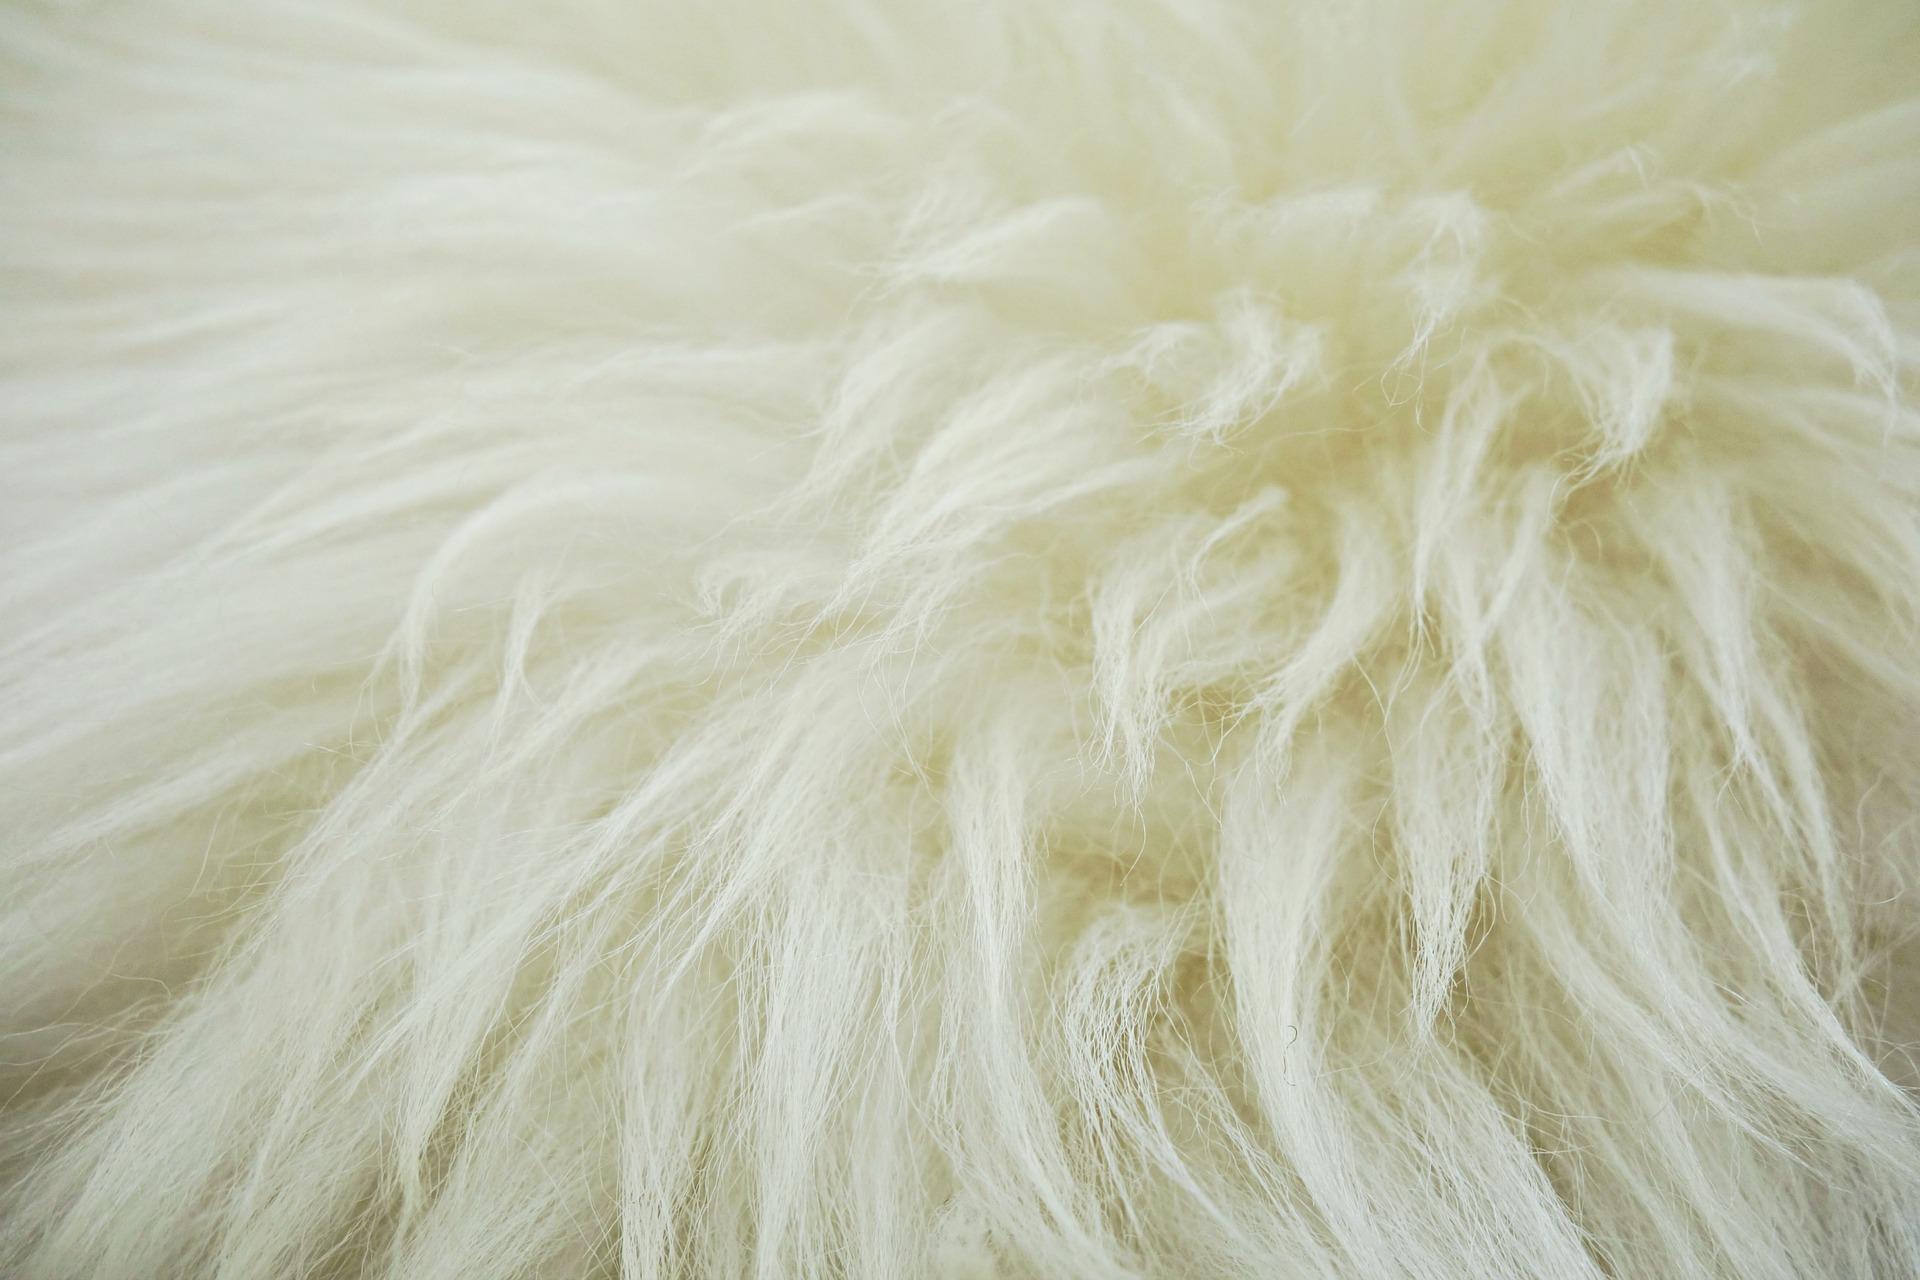 fleece-1524448-1920.jpg